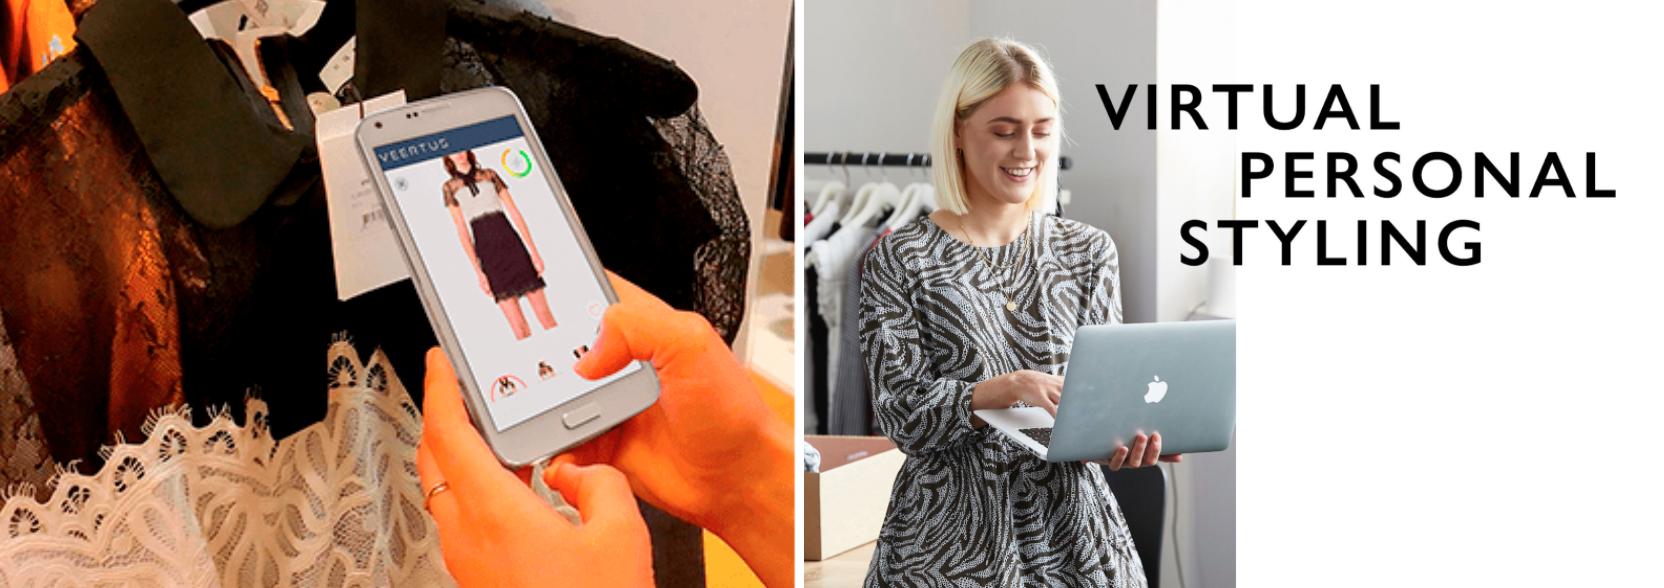 FR vs UK Transforming Physical Retail